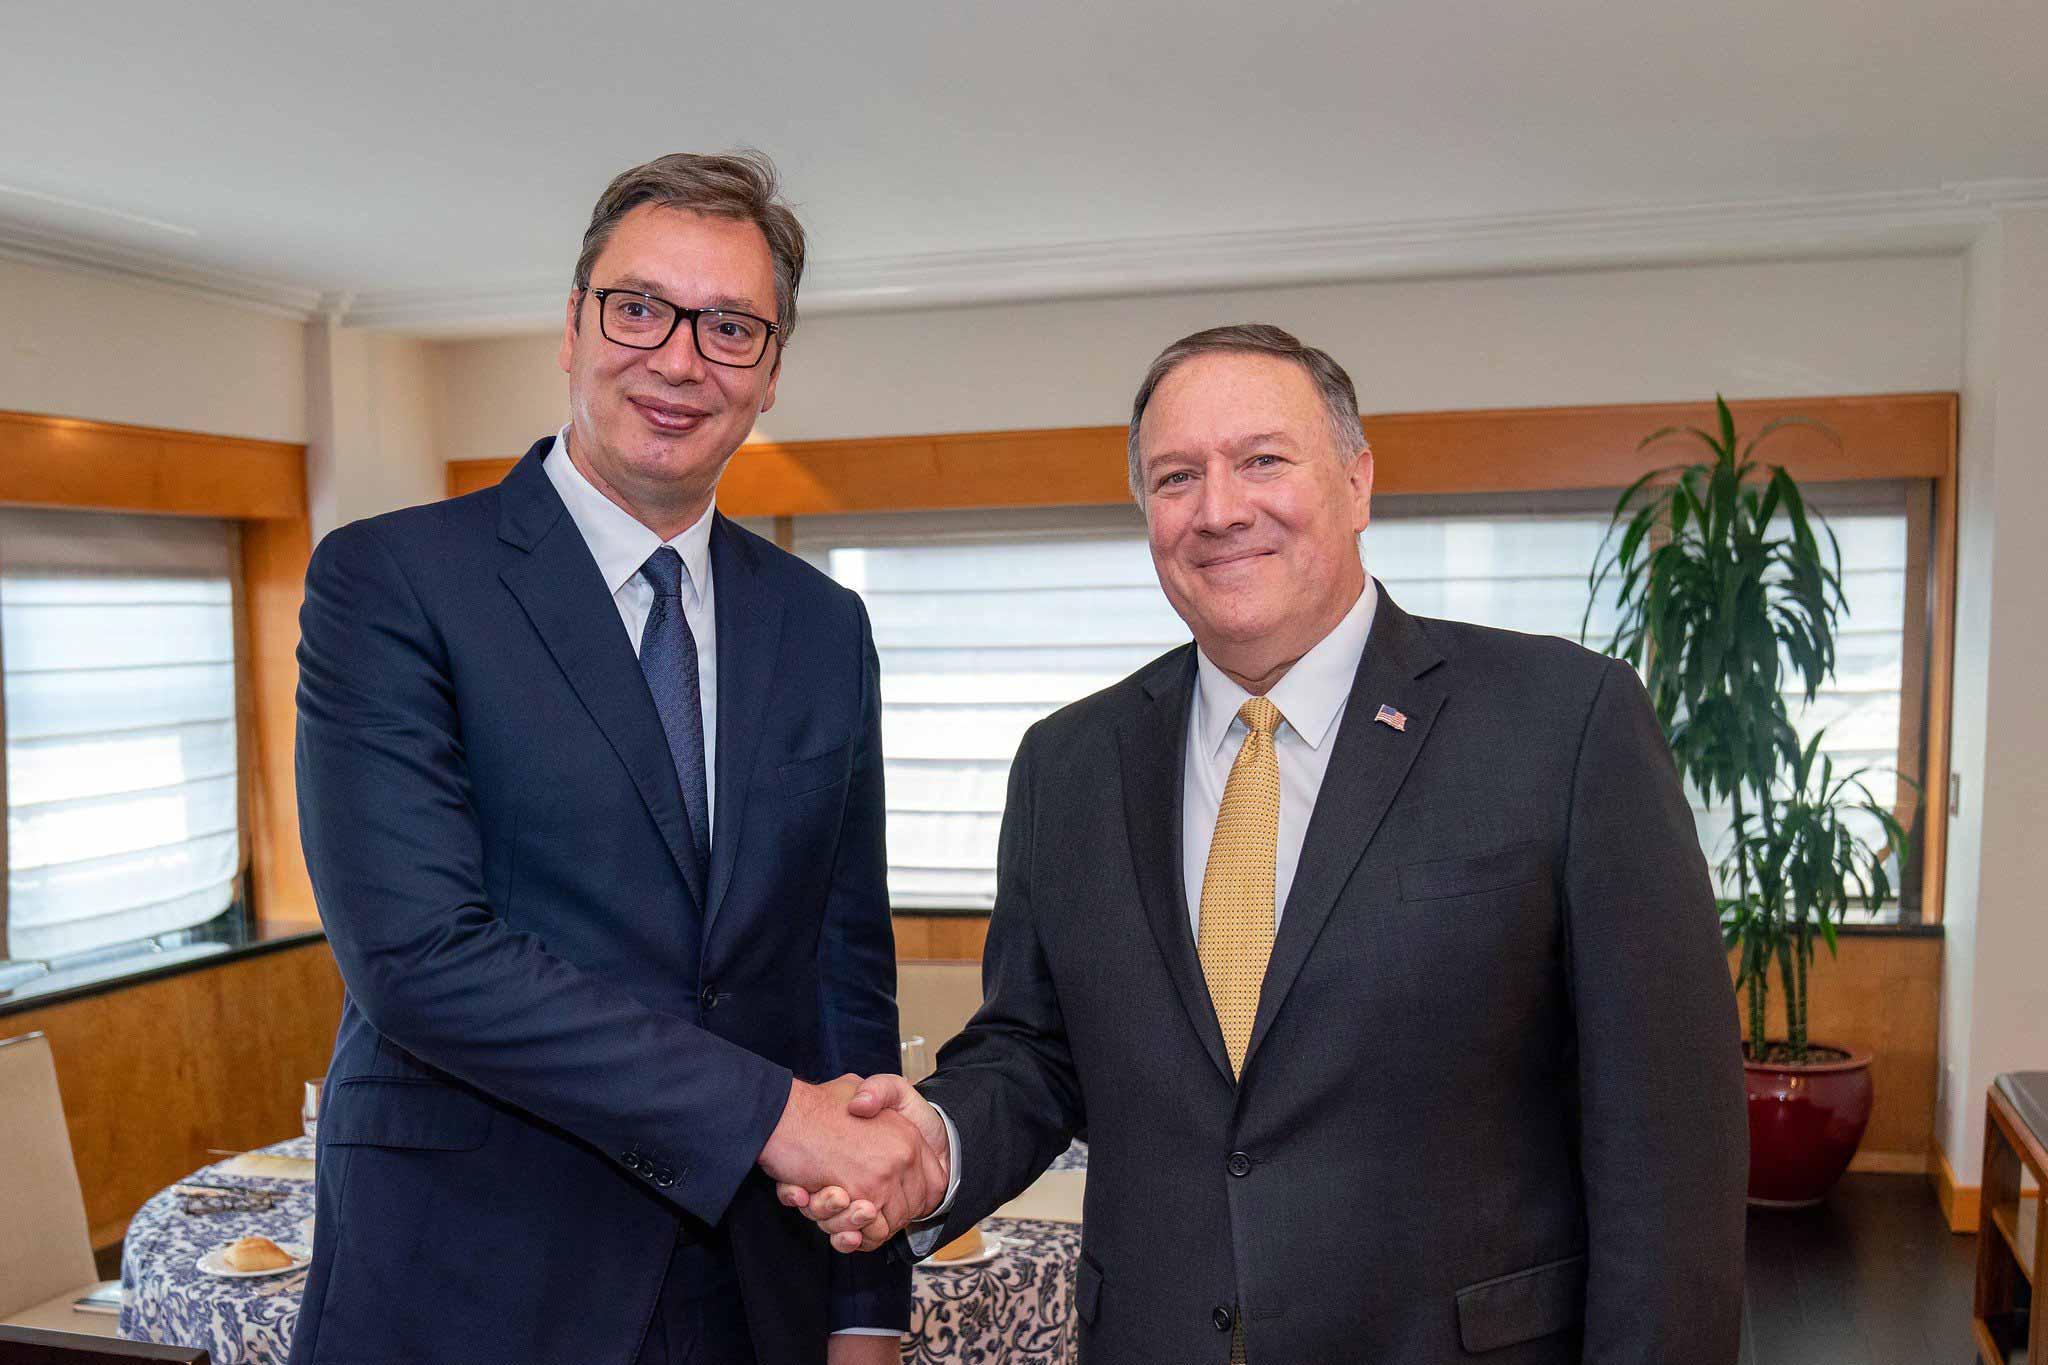 Σερβία: Εύσημα Pompeo στον Vučić για την αναγνώριση της Χεζμπολάχ ως τρομοκρατικής οργάνωσης